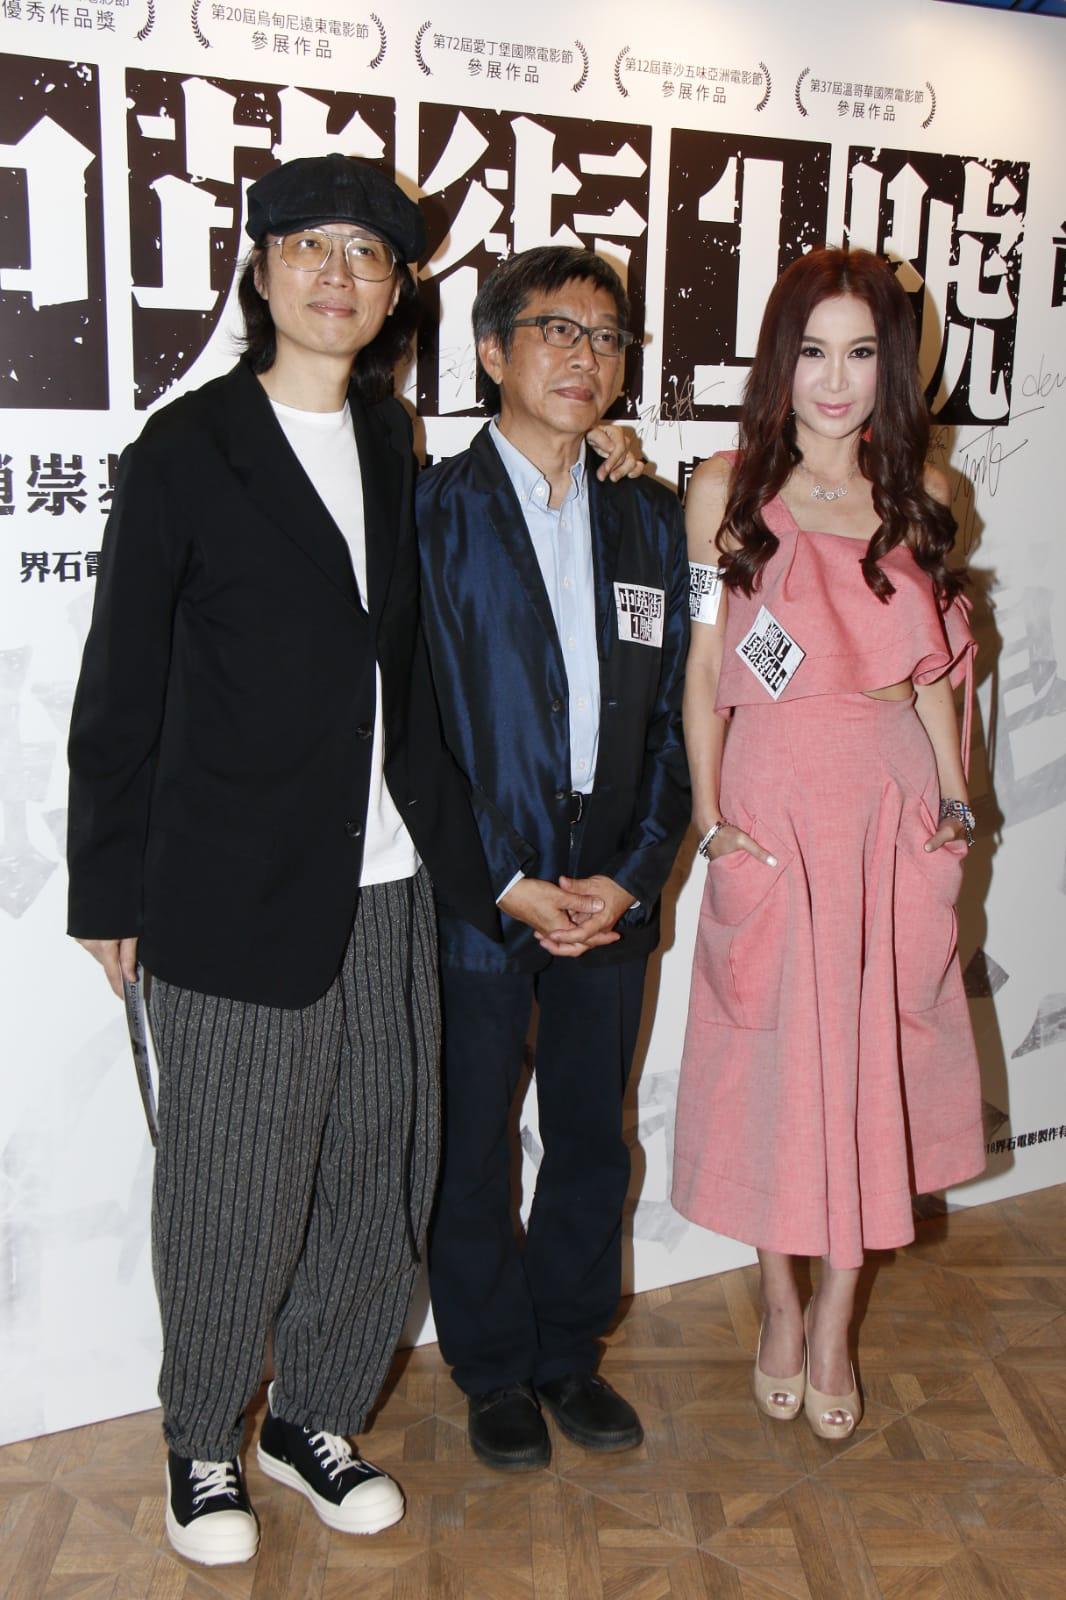 子華、導演趙崇基、溫碧霞